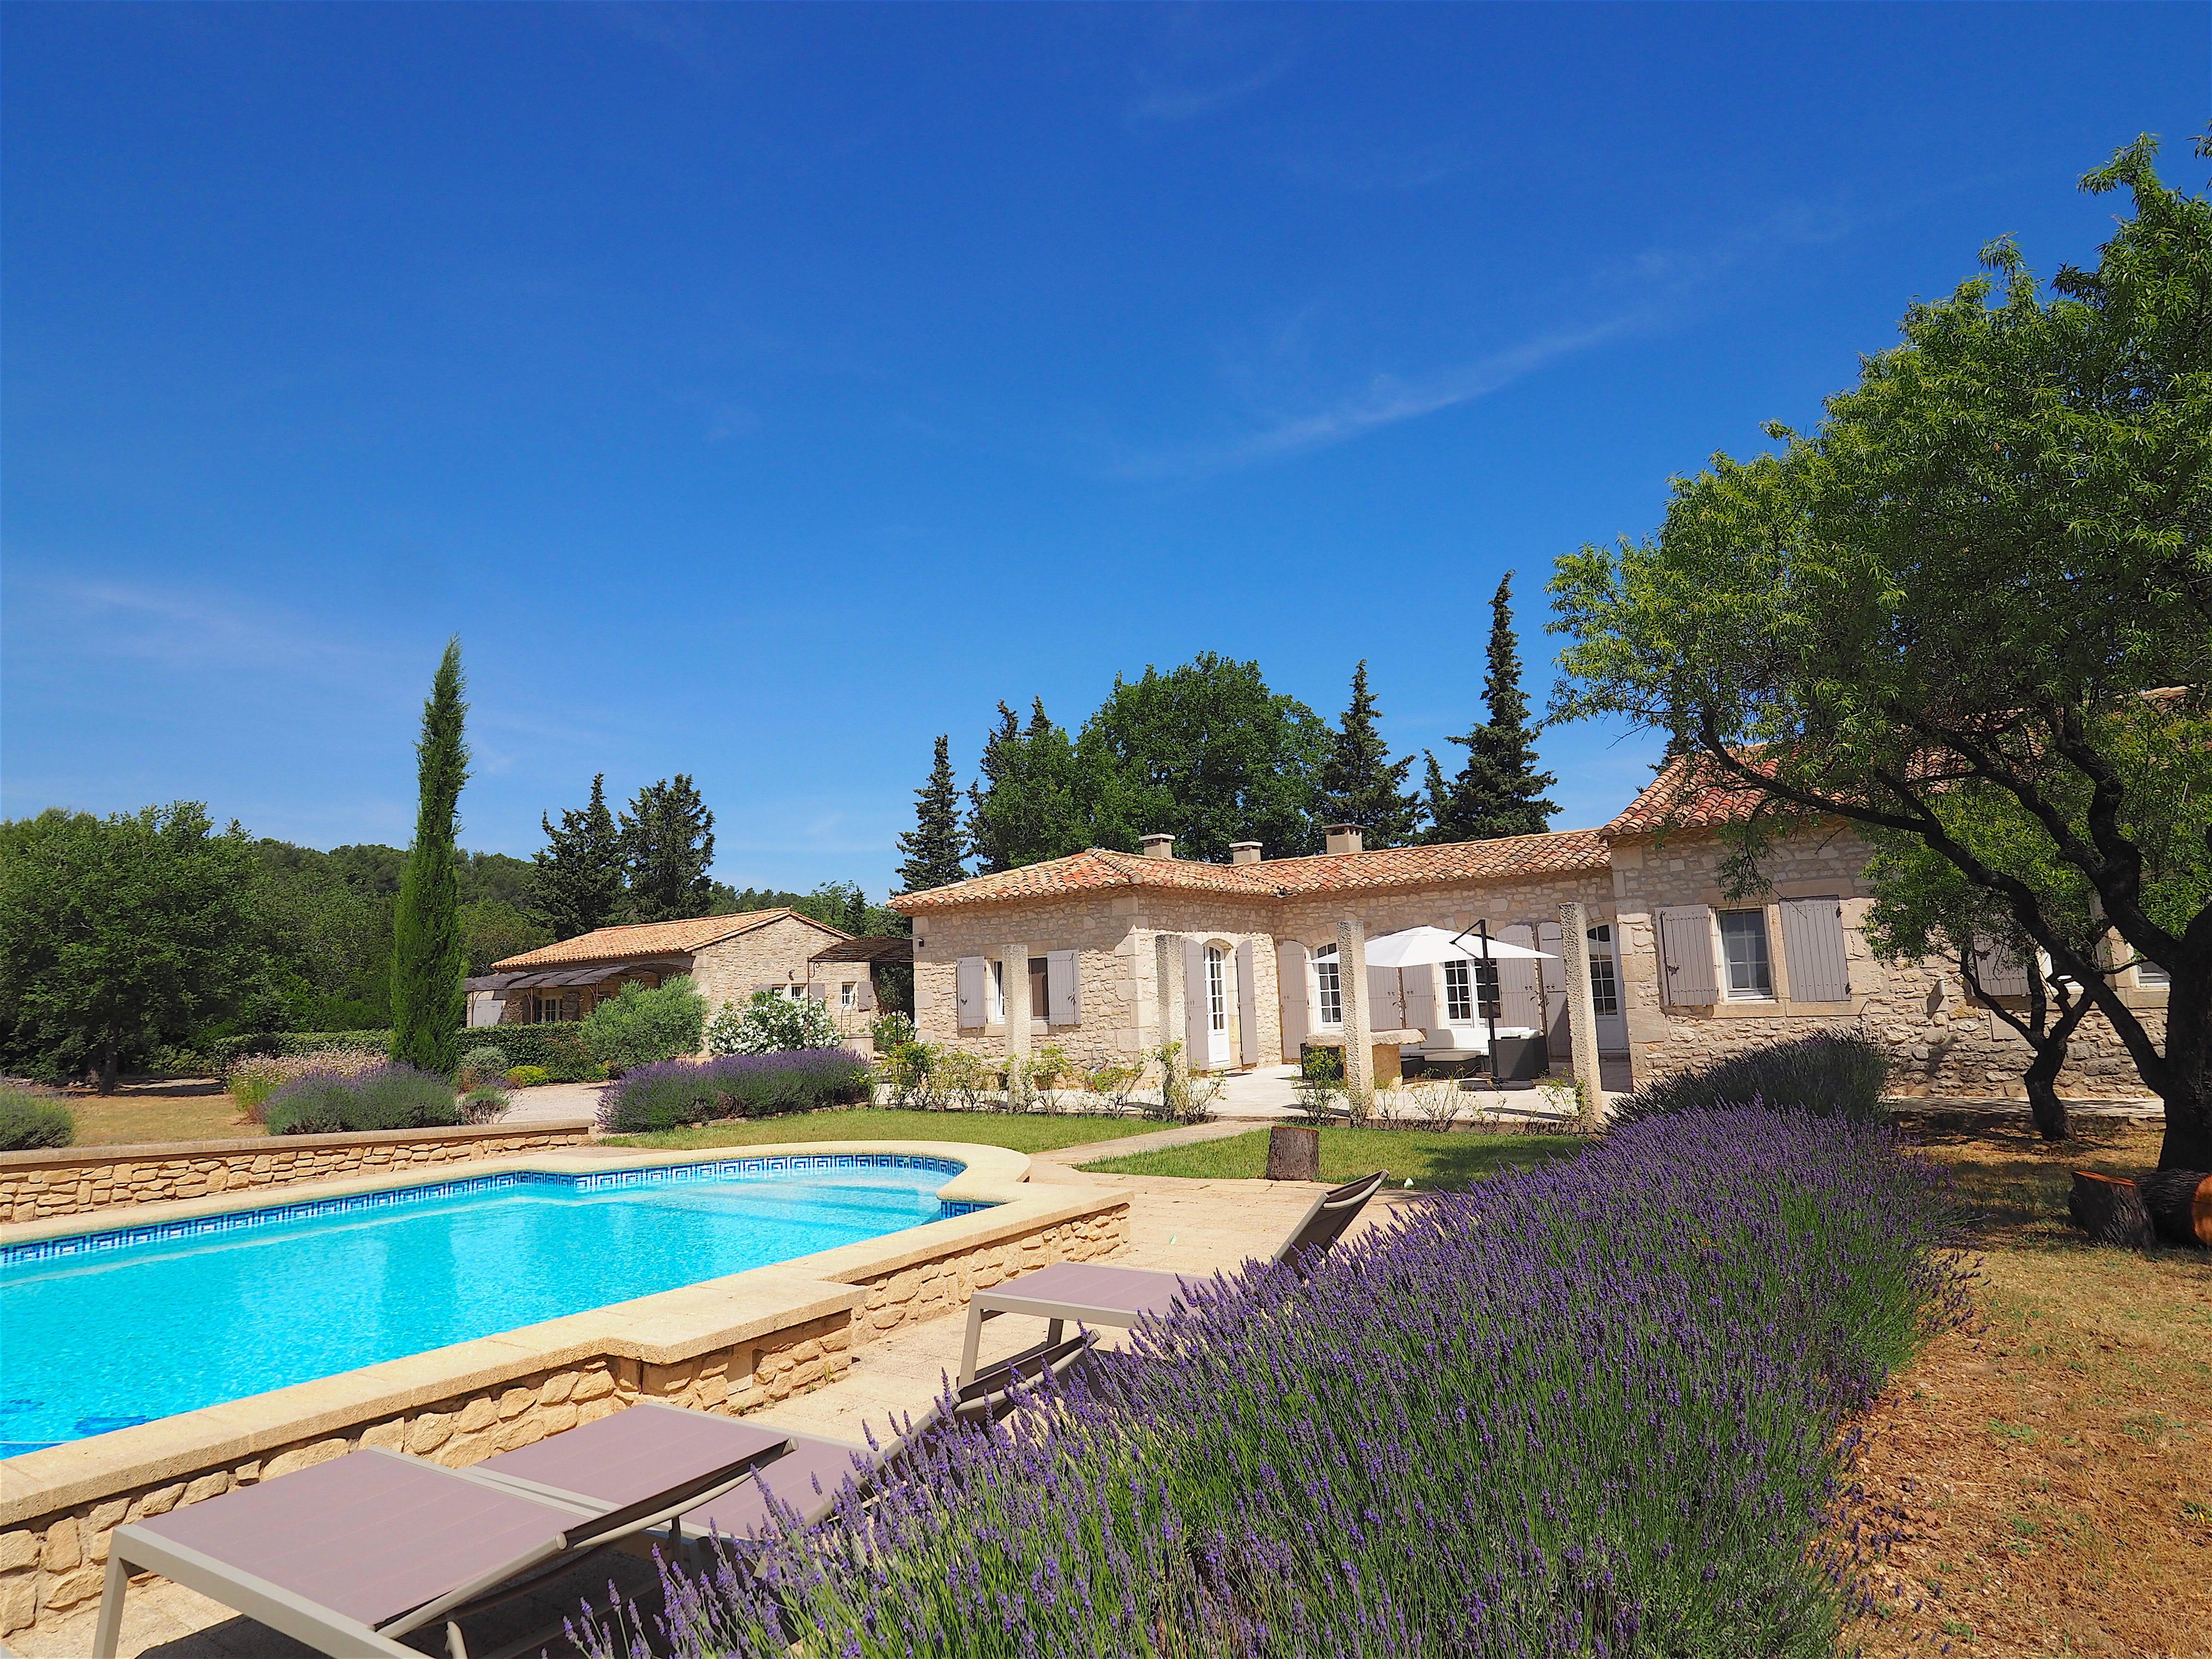 location villa vacances piscine Eygalières